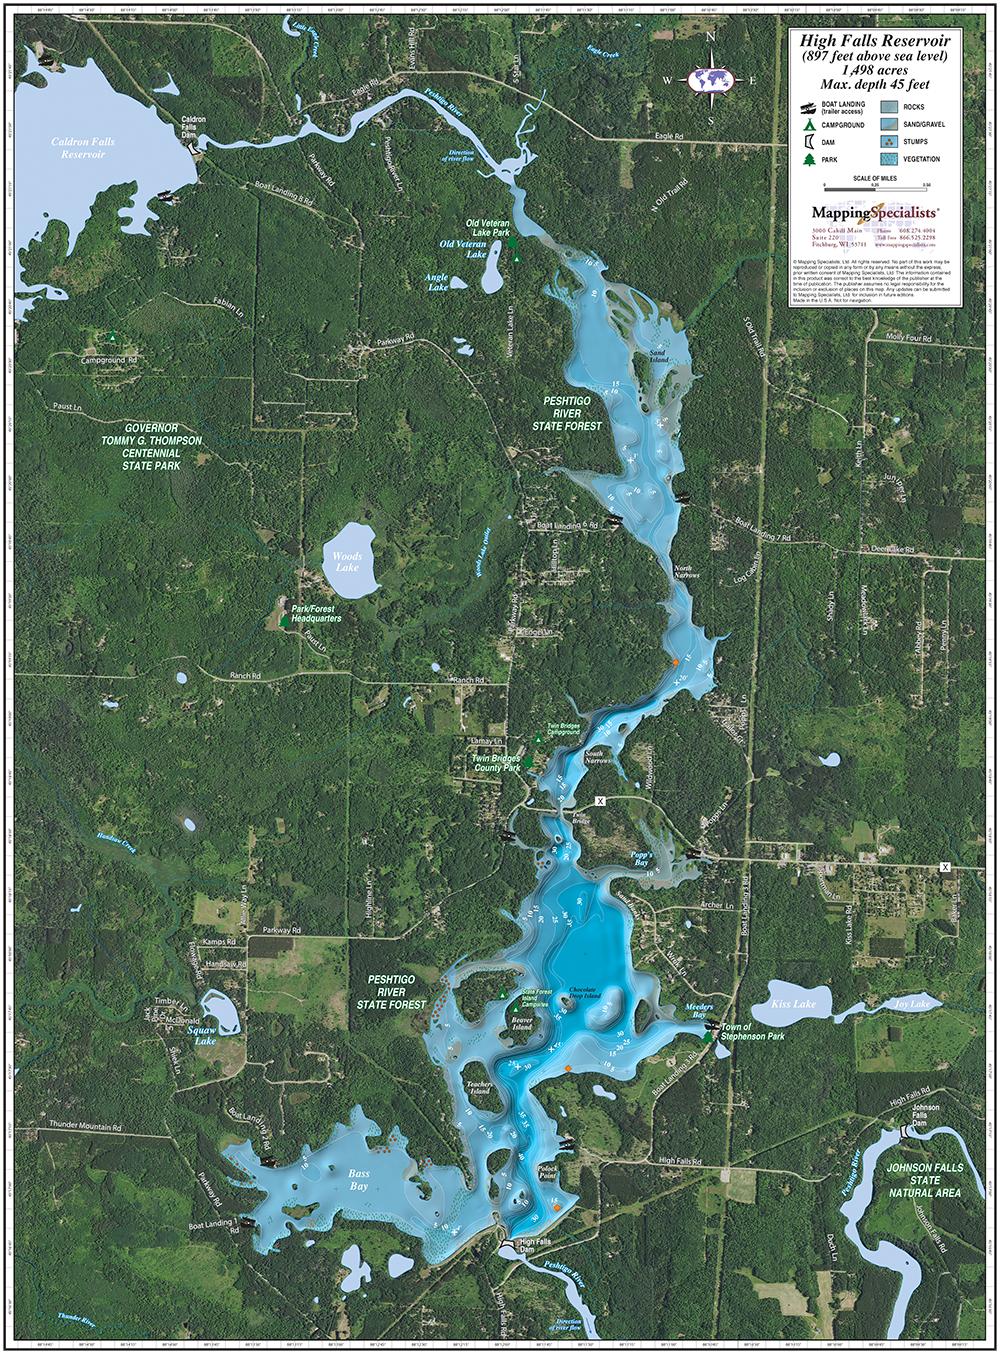 high falls reservoir enhanced wall map